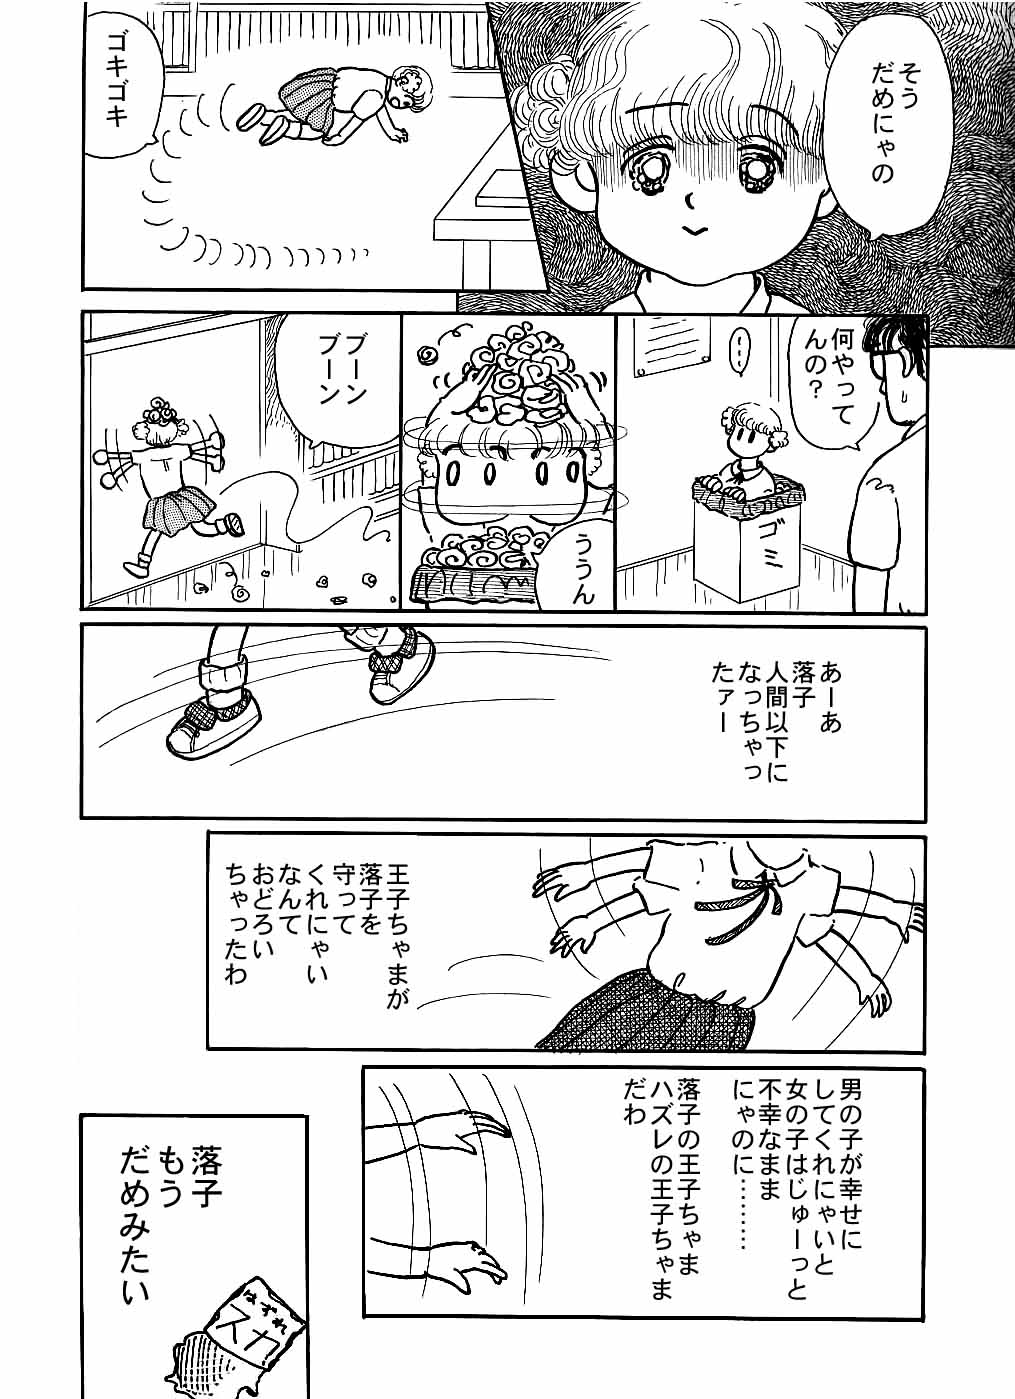 ホラー漫画画像12_20110122035549.jpg